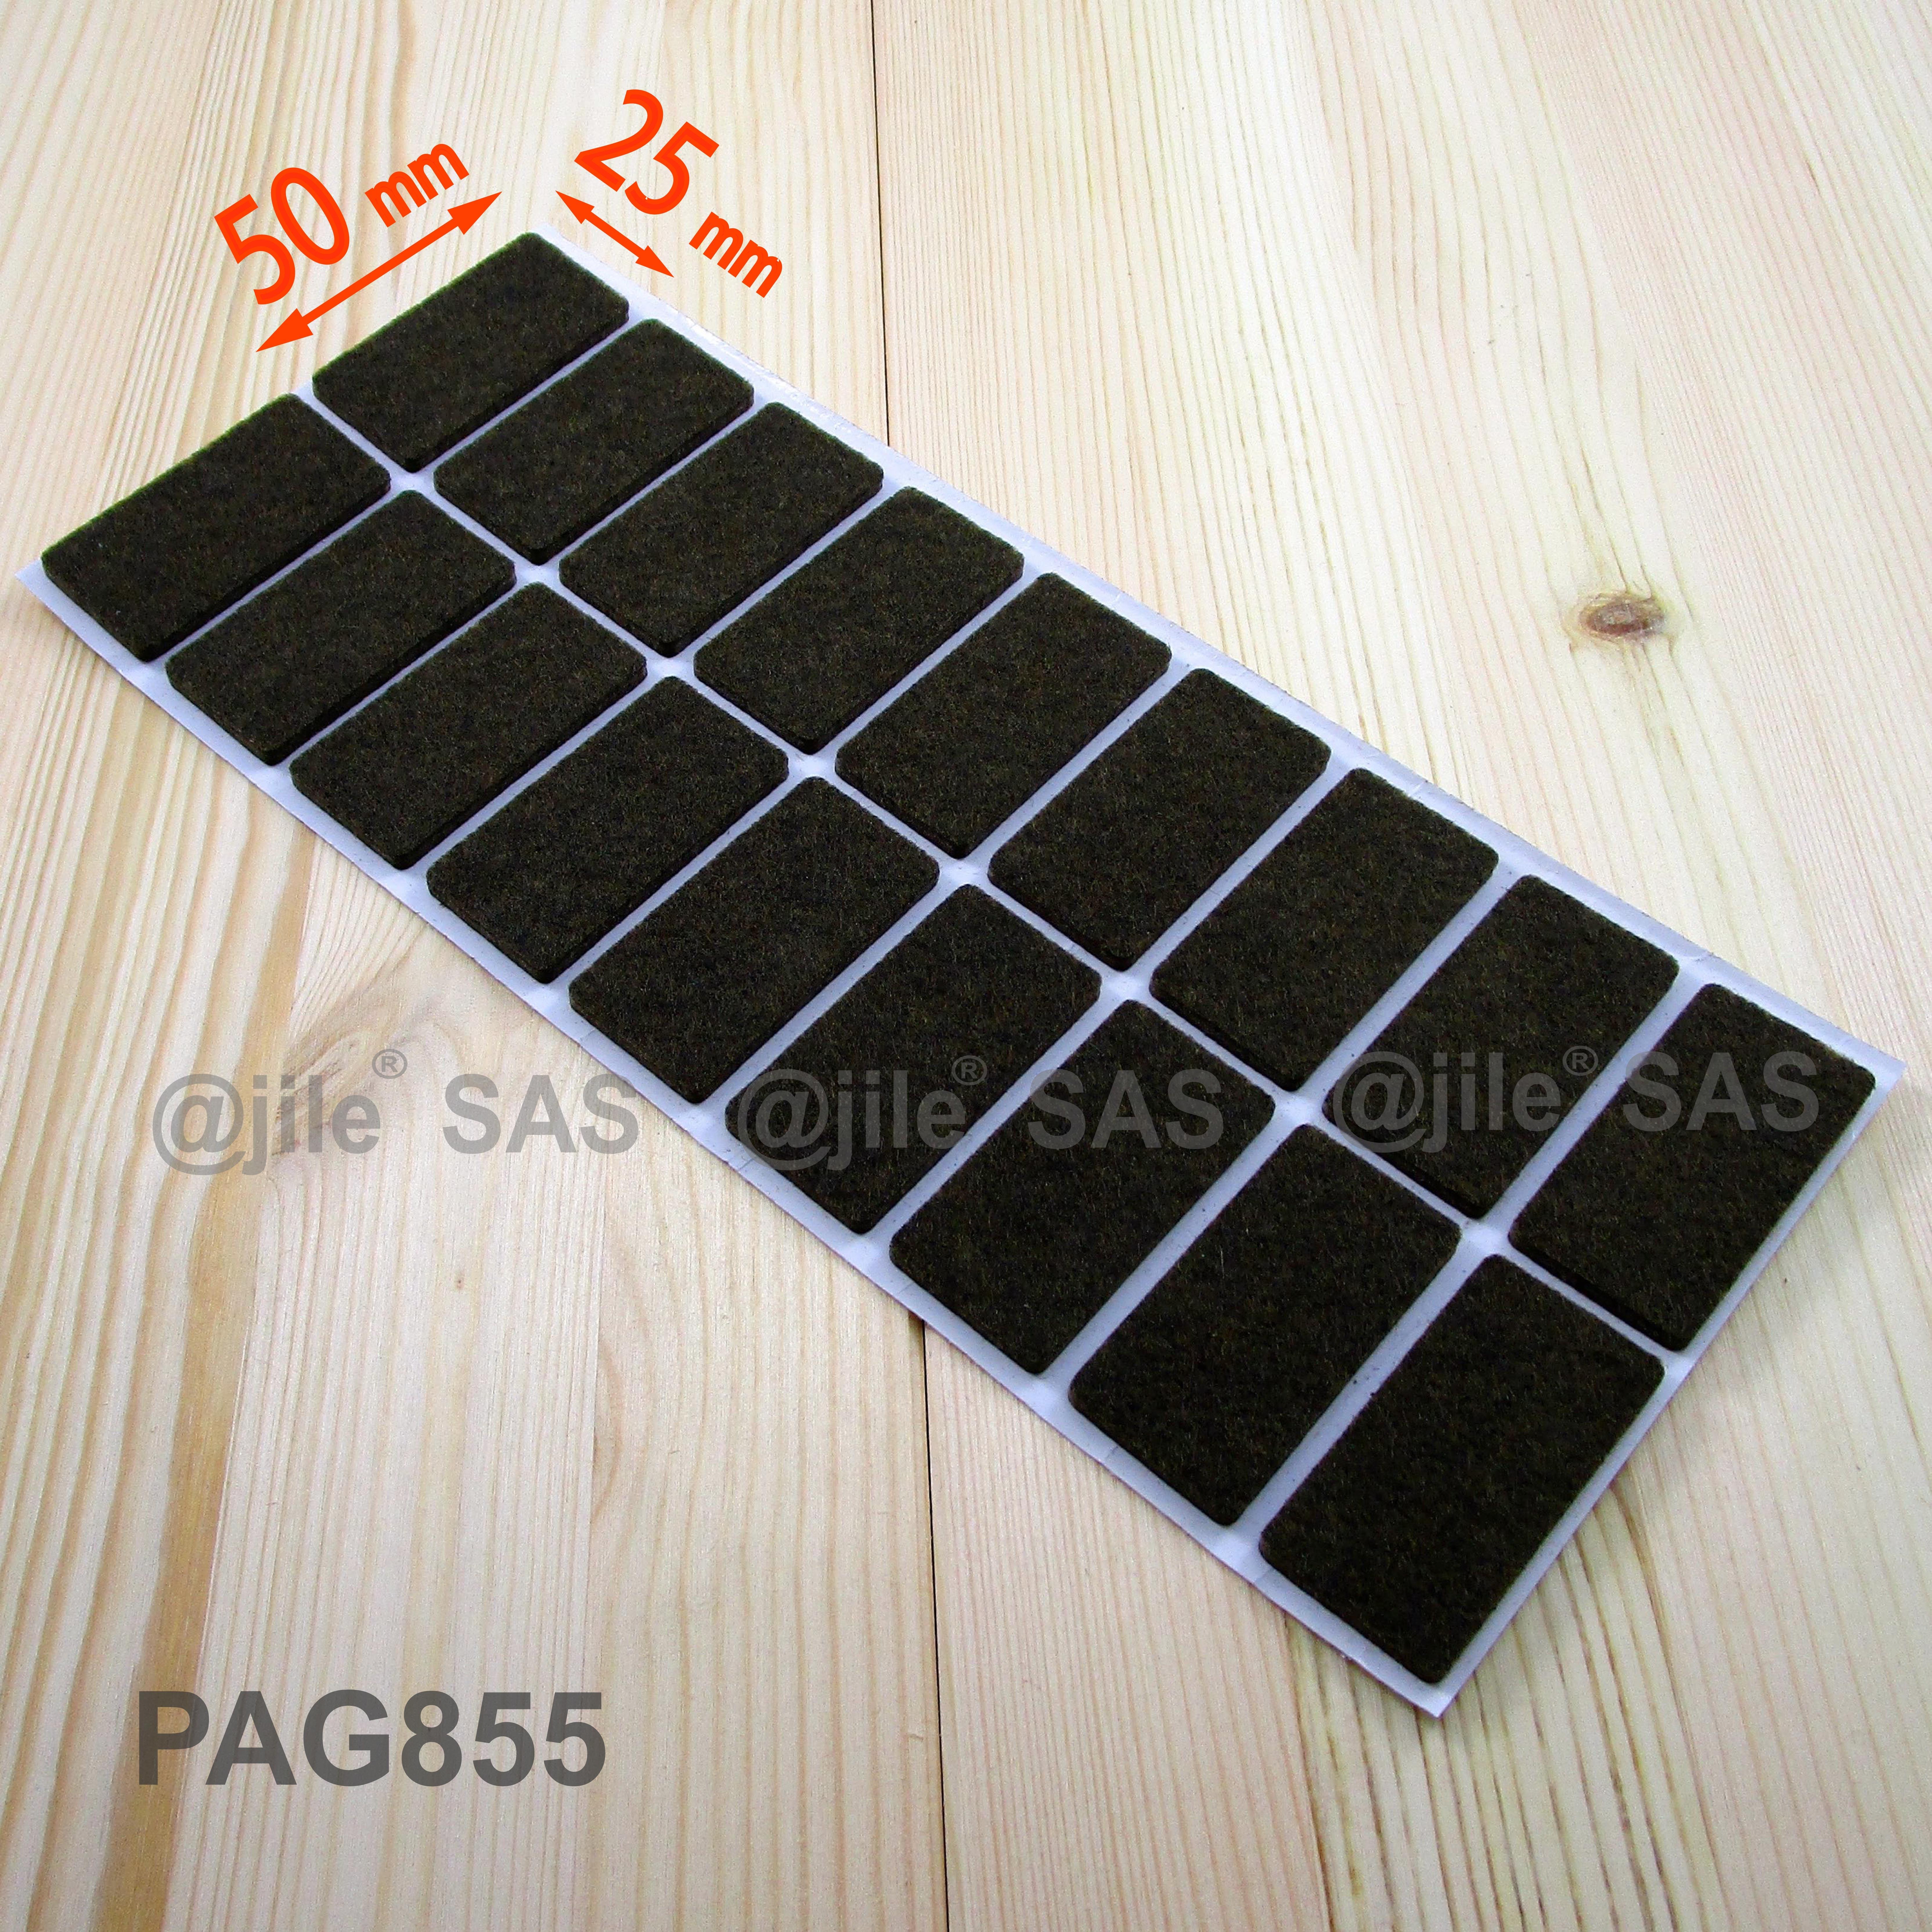 25x50 mm rectangular felt pads BROWN sheet of 18 stick on wood